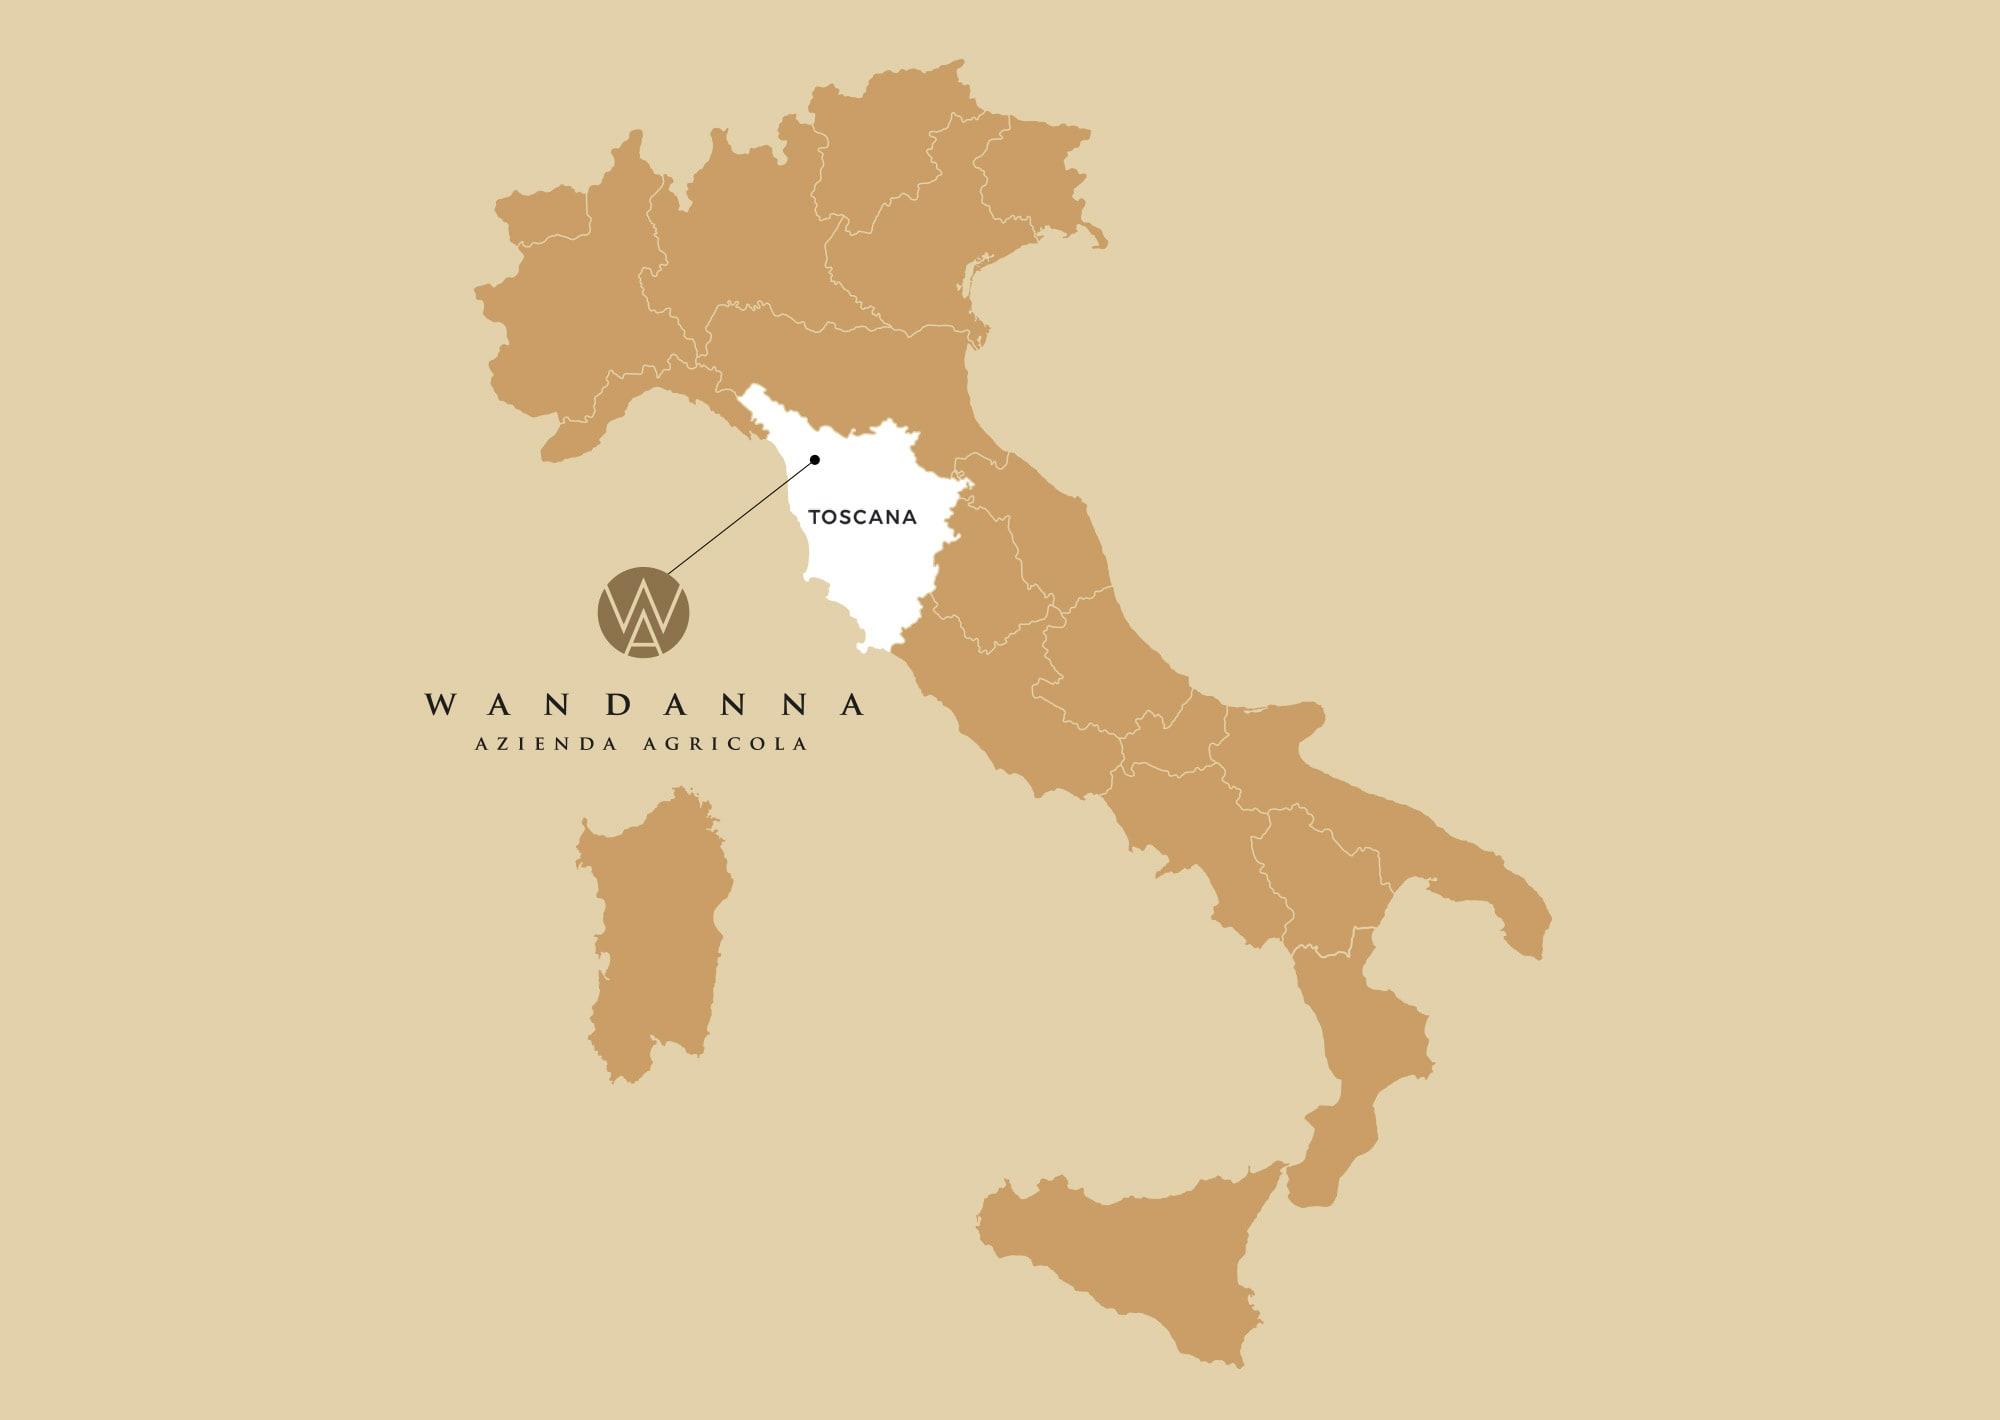 Wandanna